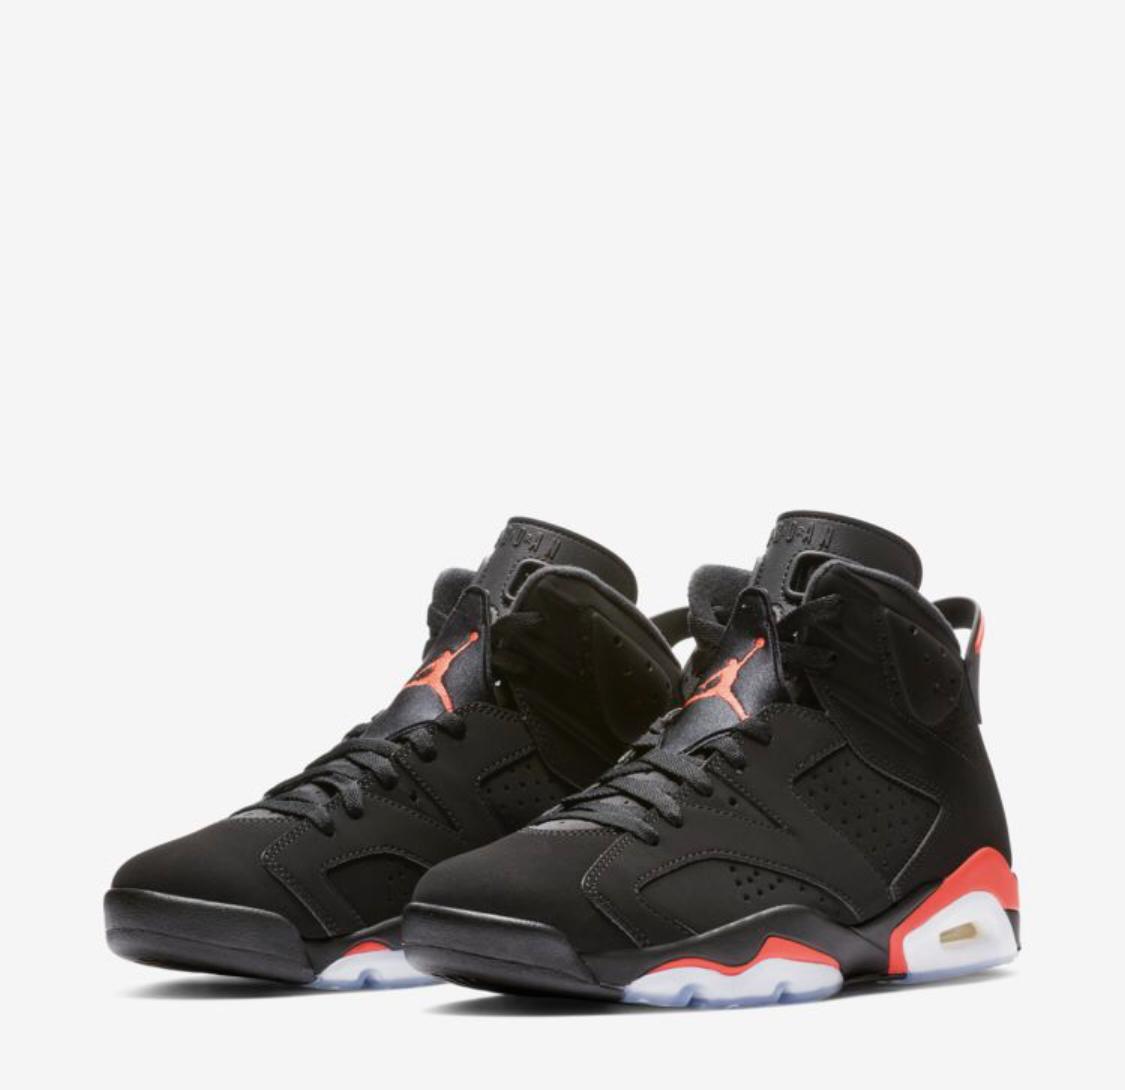 3 Air Jordan Sneakers on our Watch List